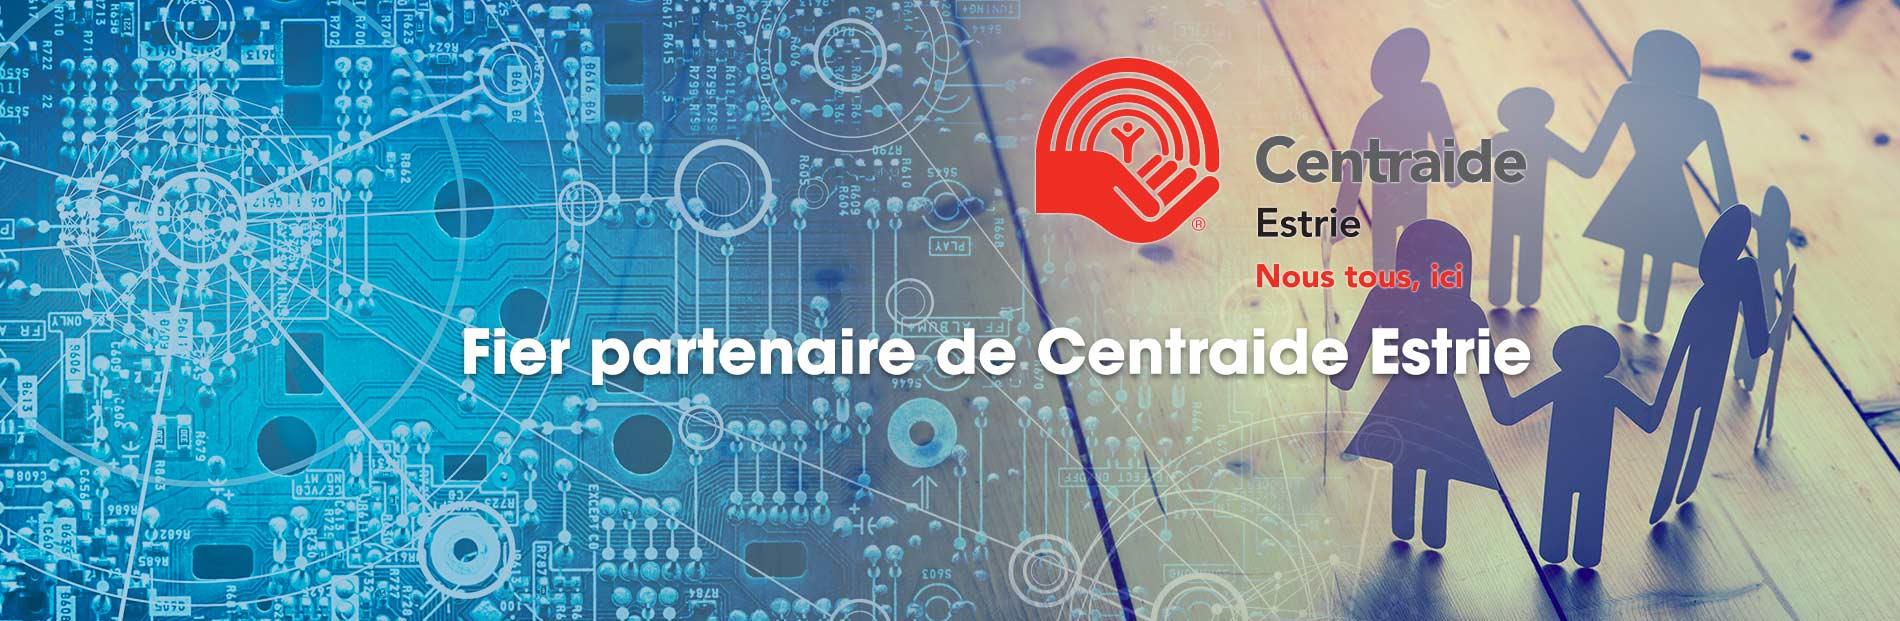 ClientWeb Centraide Estrie